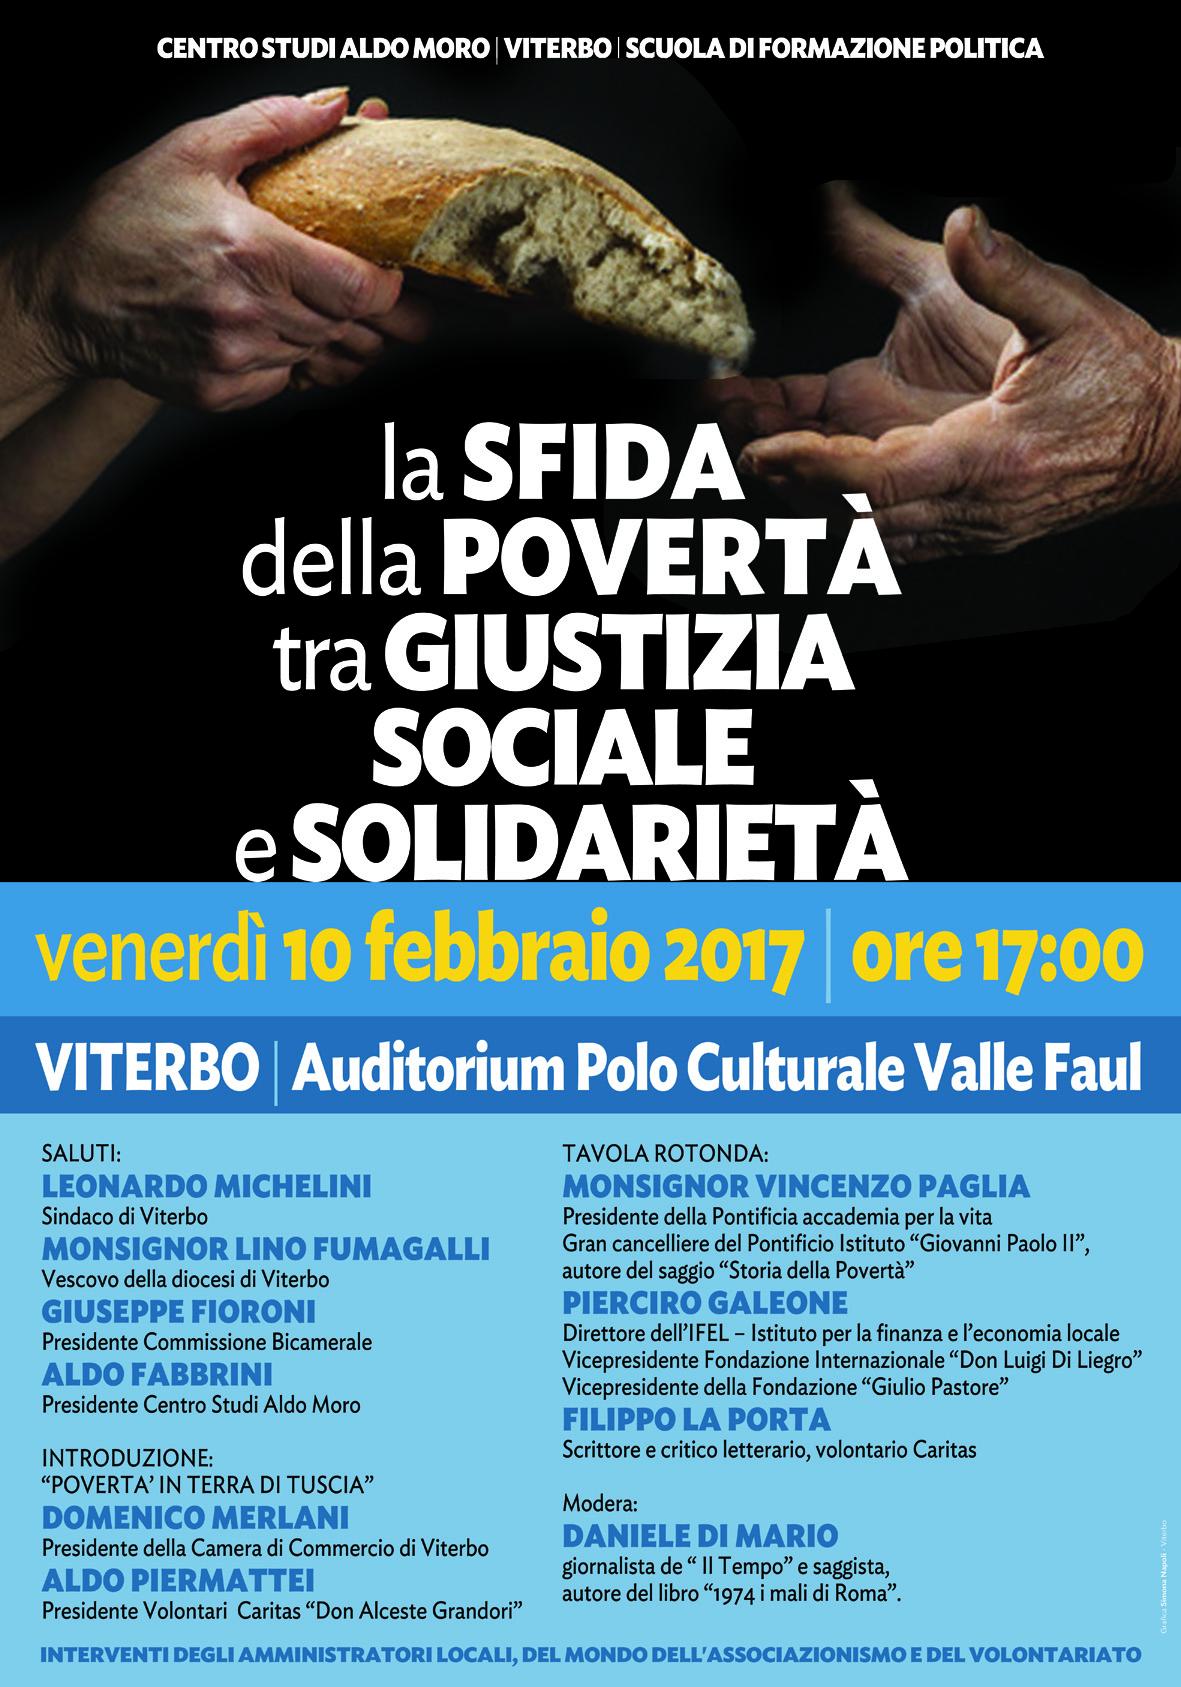 La sfida della povertà tra giustizia sociale e solidarietà. Convegno a Viterbo il 10 febbraio